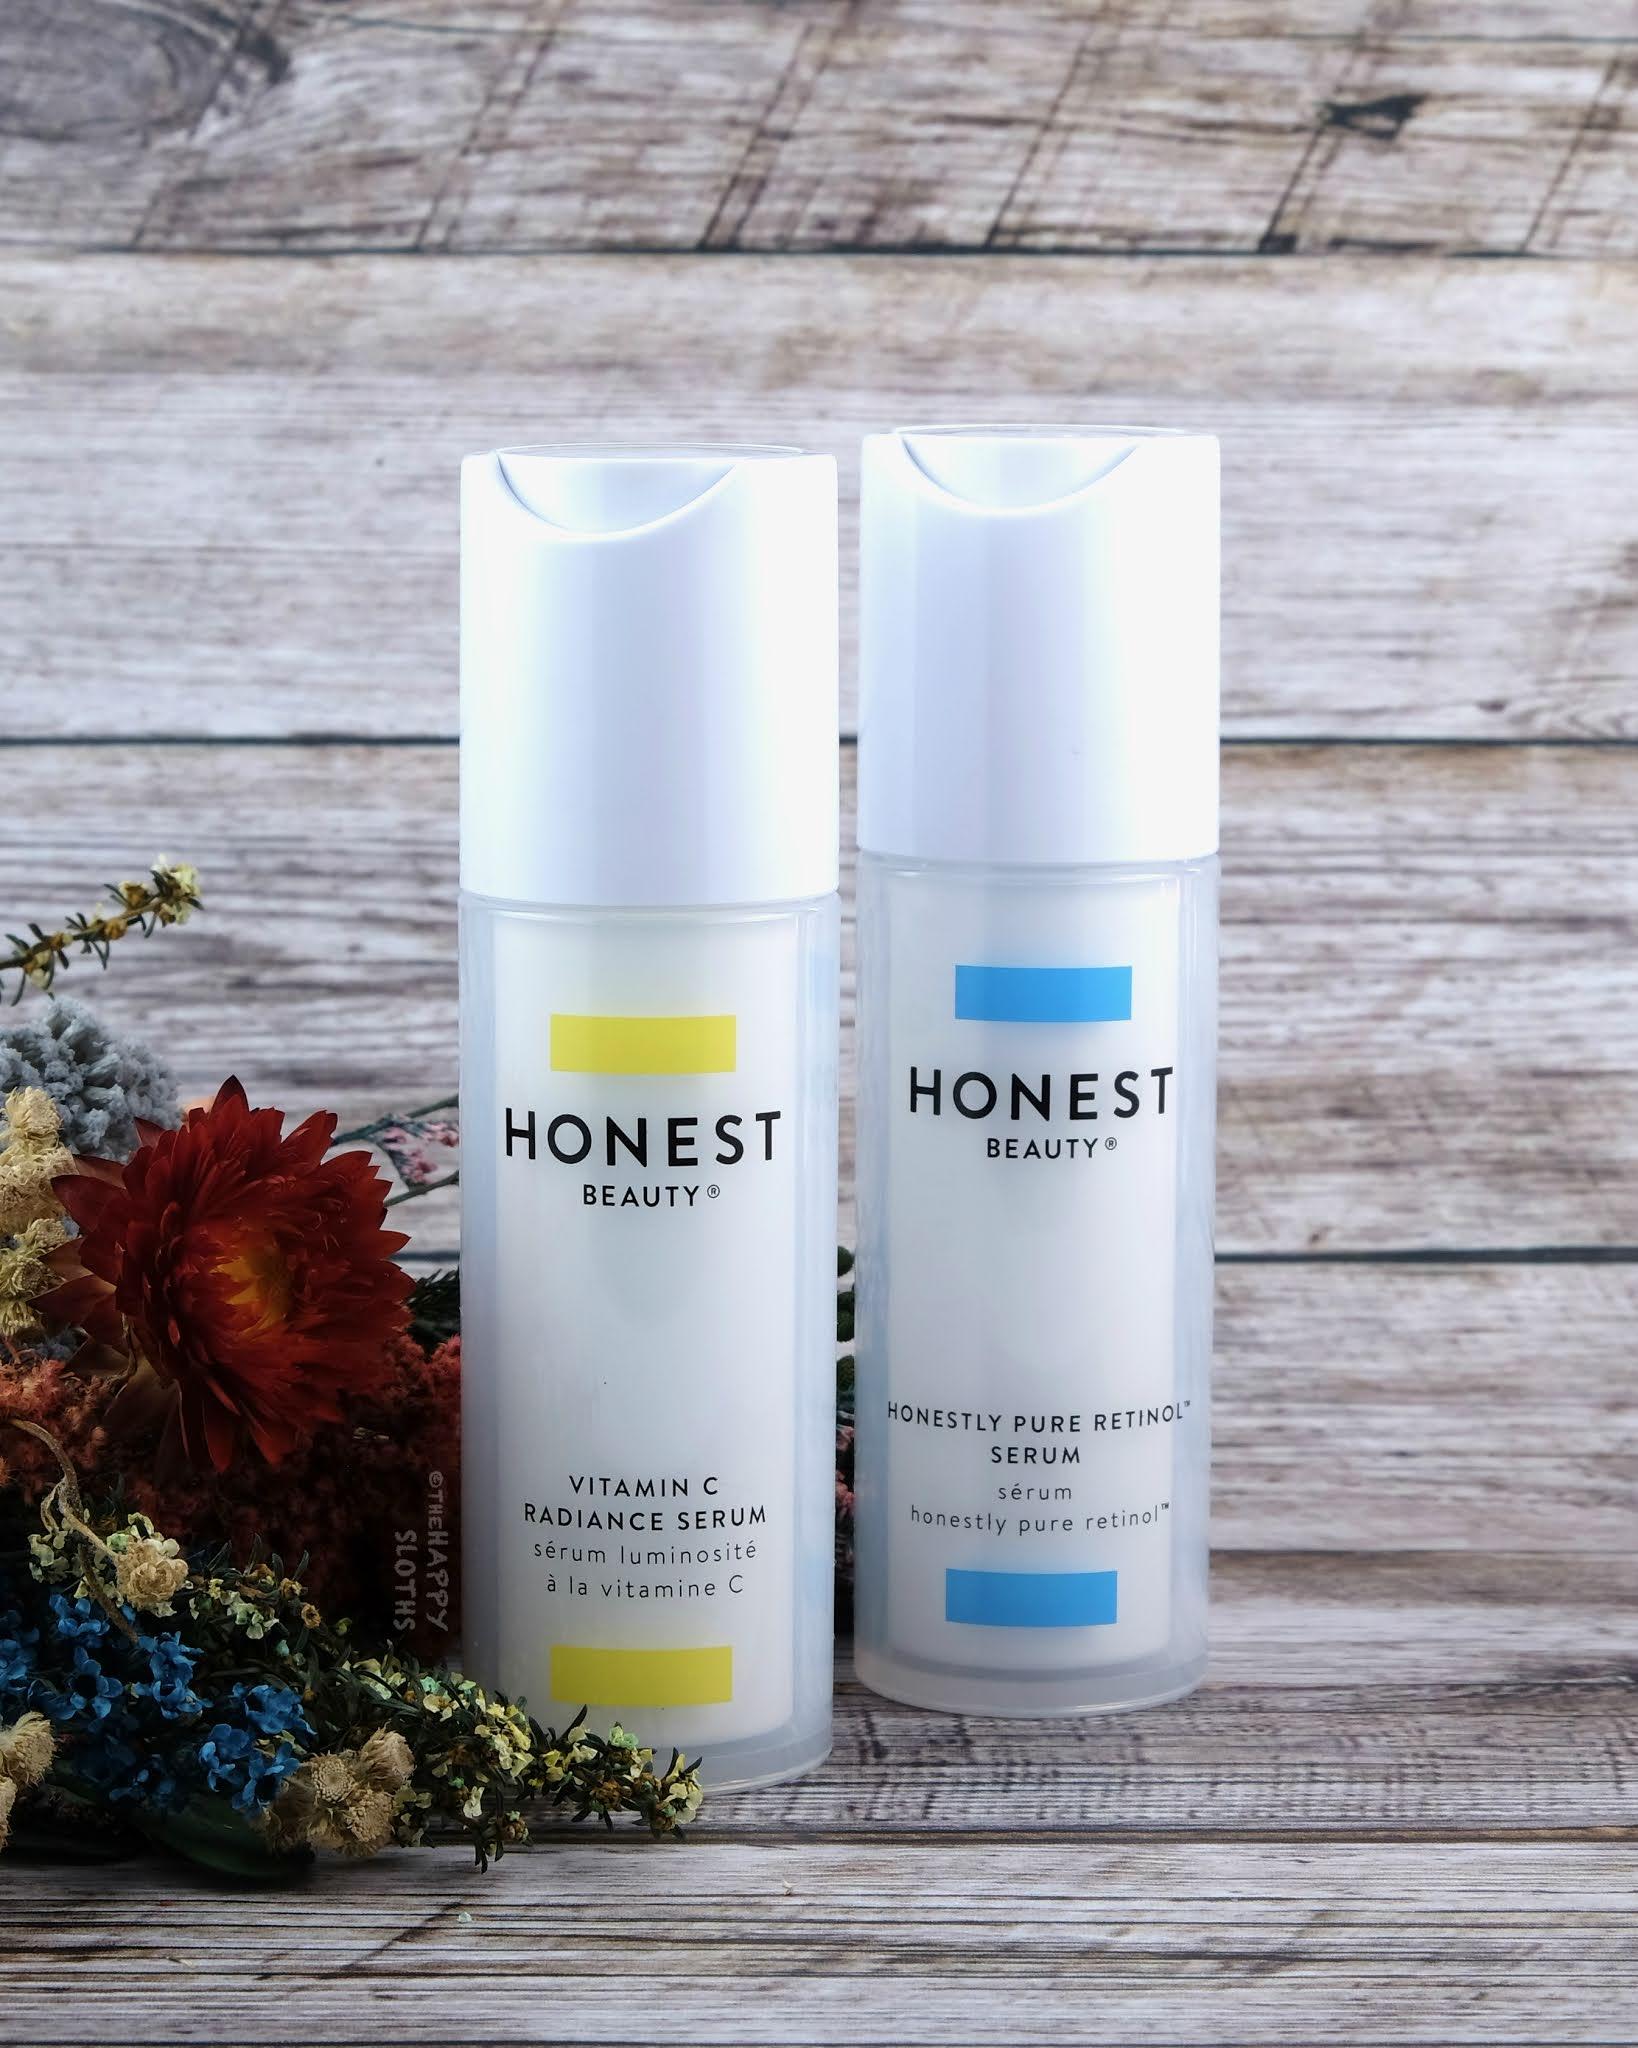 Honest Beauty | Vitamin C Radiance Serum & Honestly Pure Retinol Serum: Review